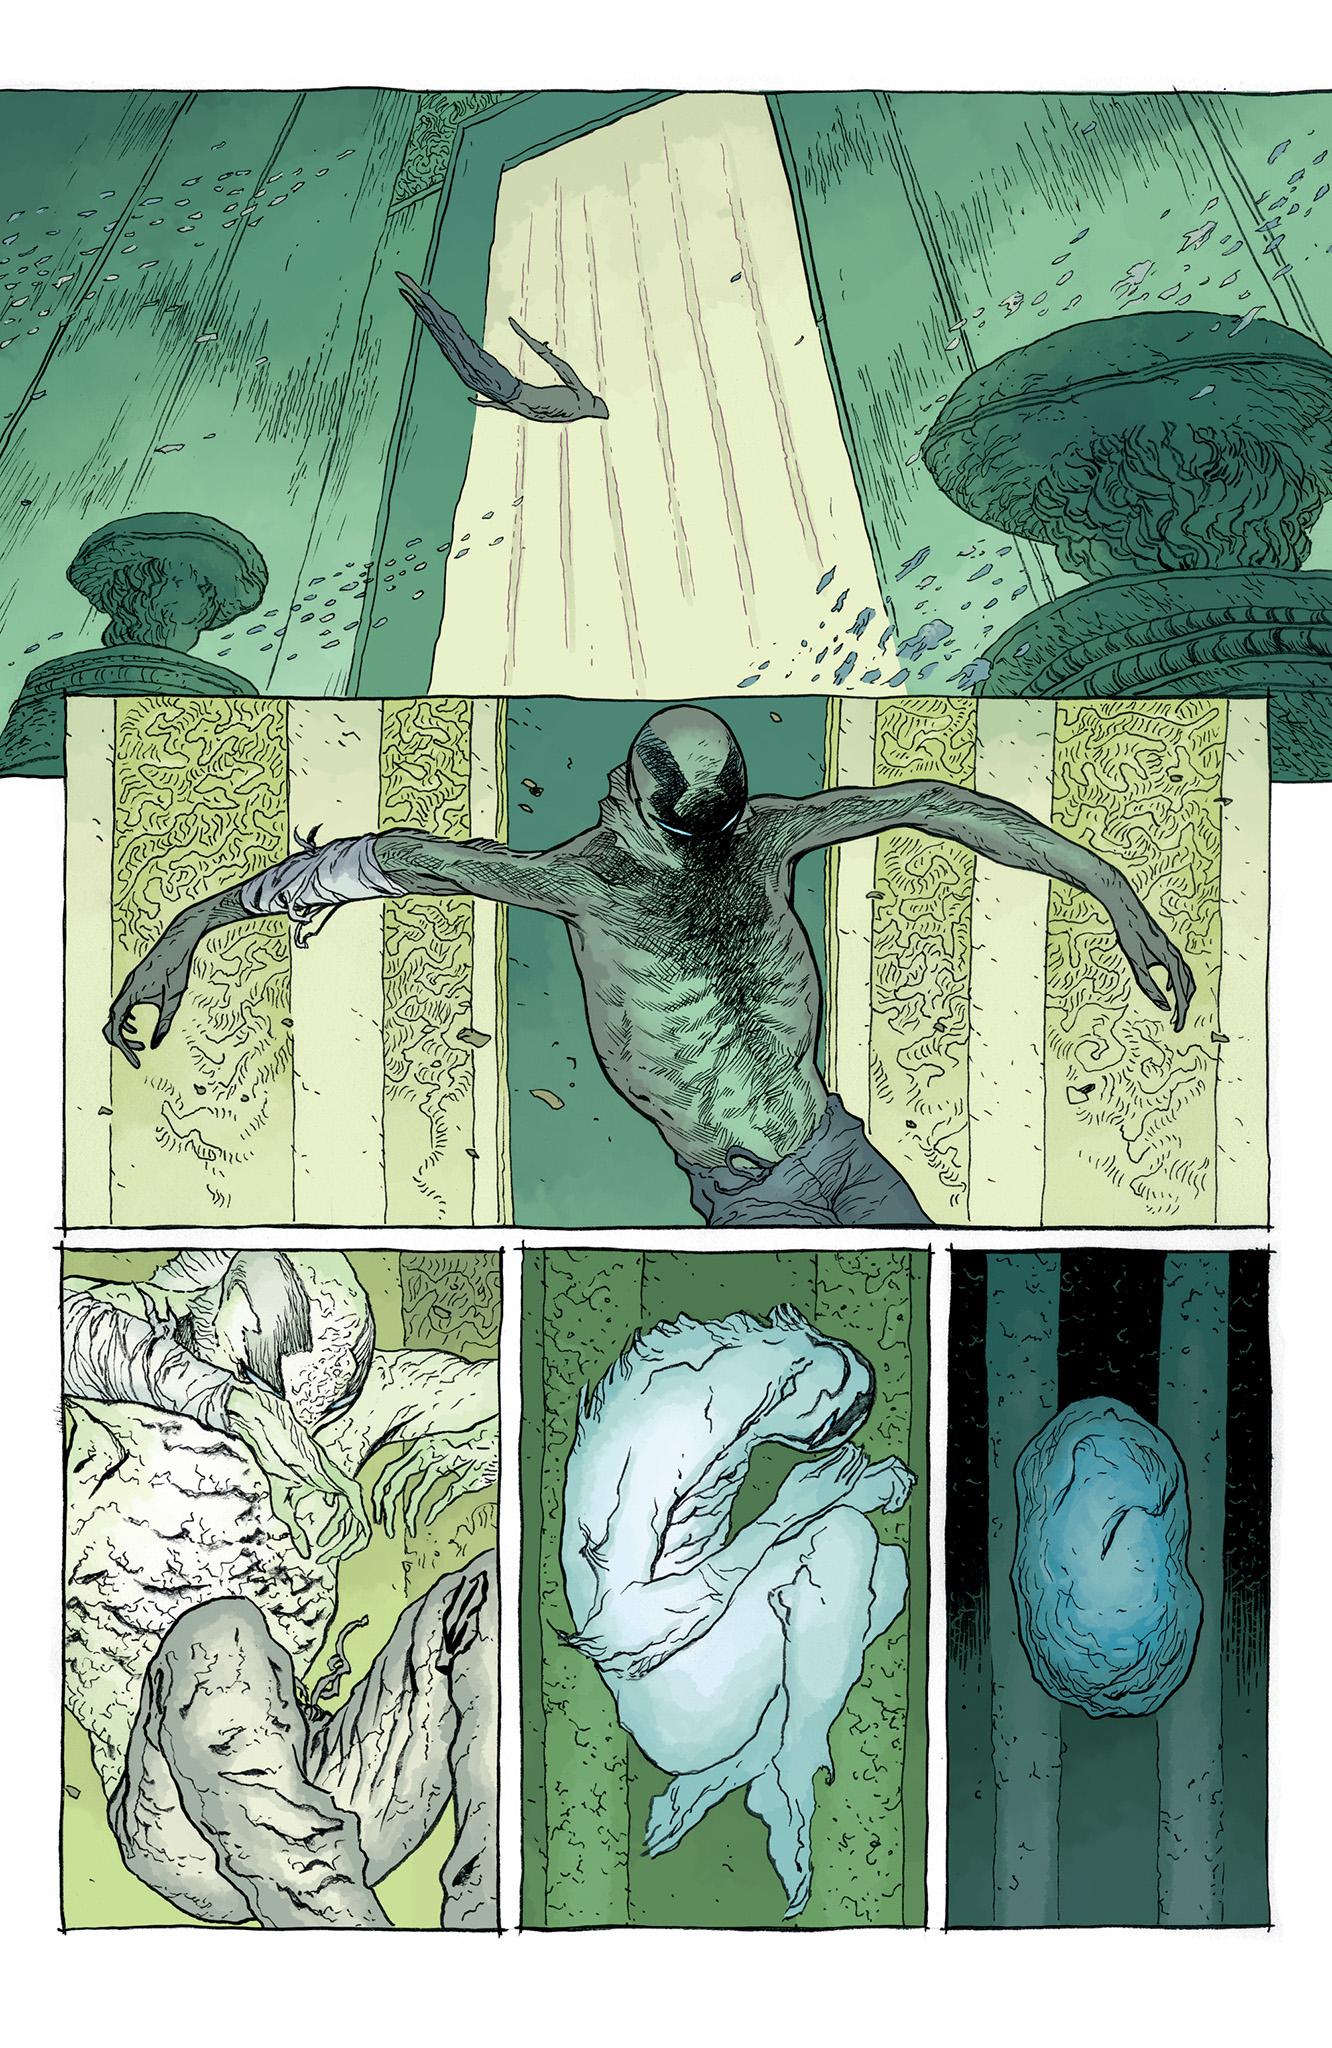 Read online Abe Sapien comic -  Issue #5 - 12